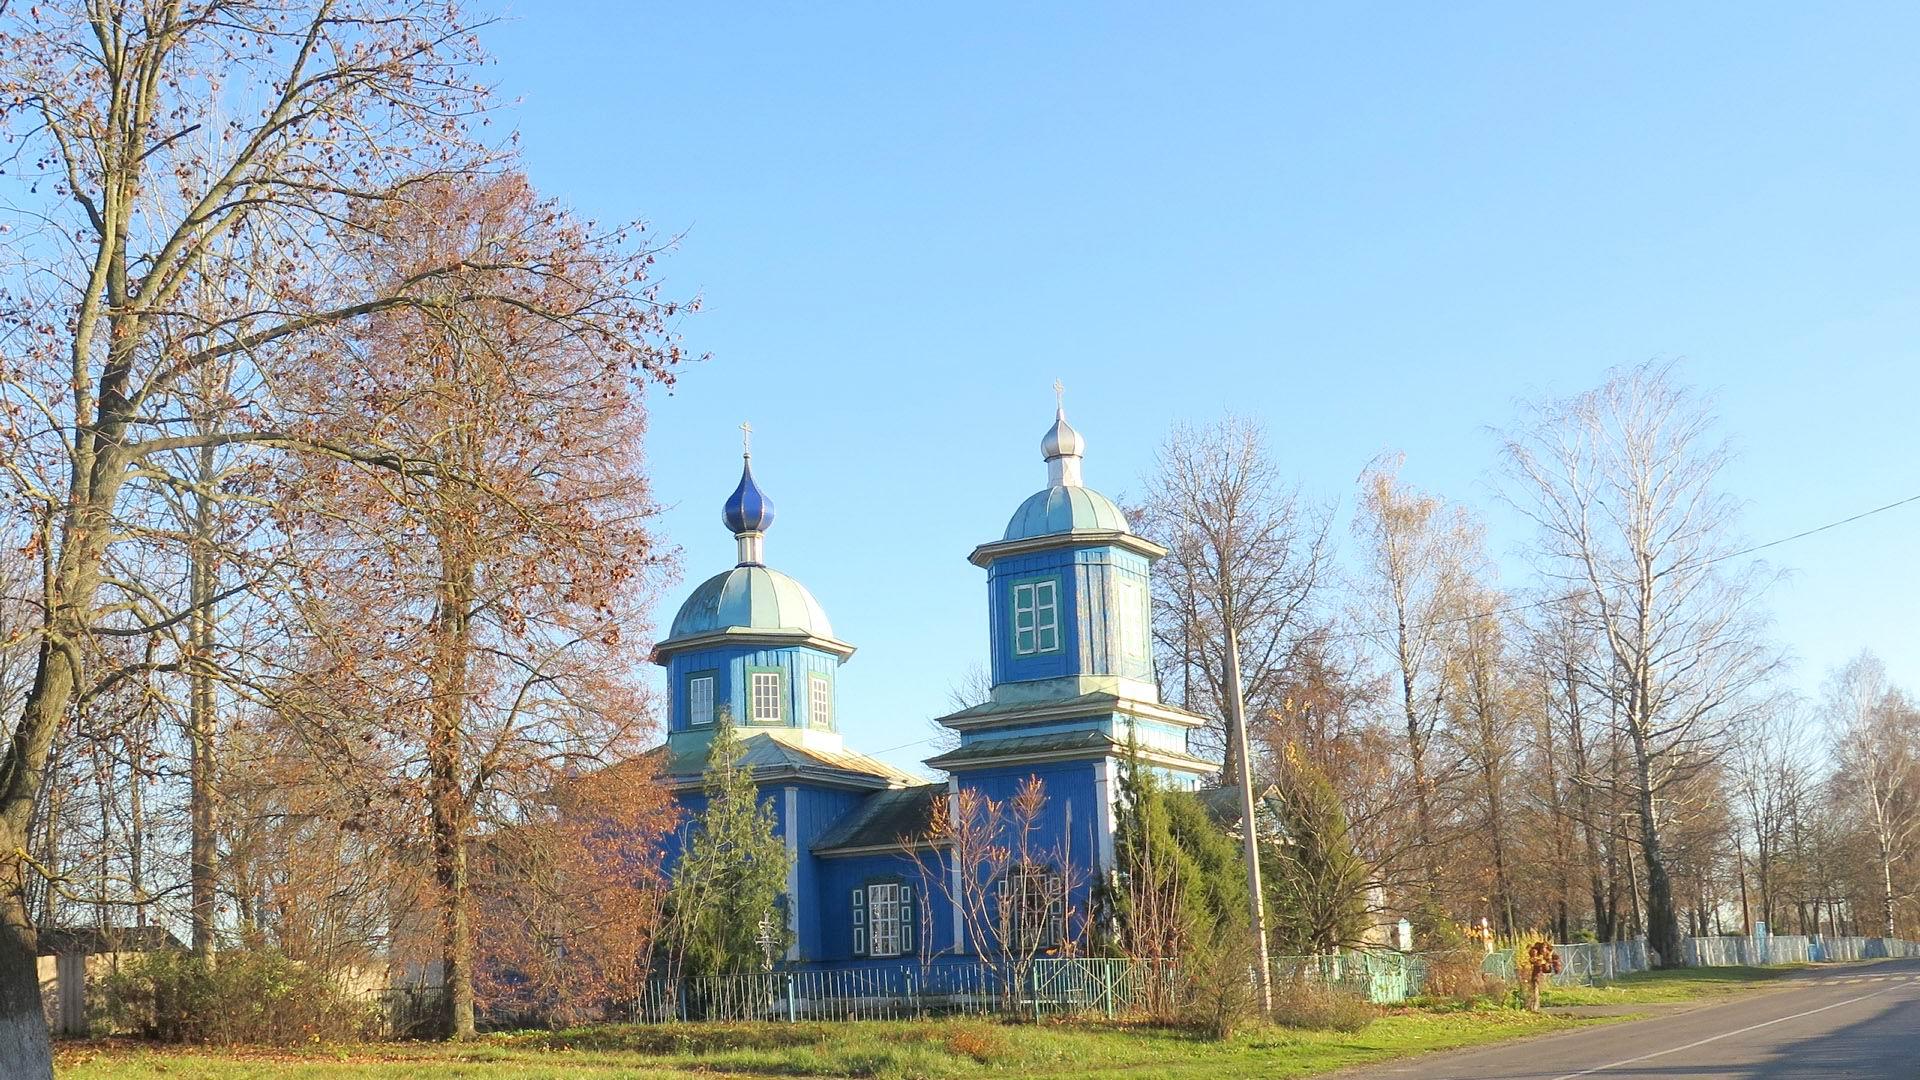 церковь-Храм Успения пресвятой Богородицы, аг Городец Рогачевского района